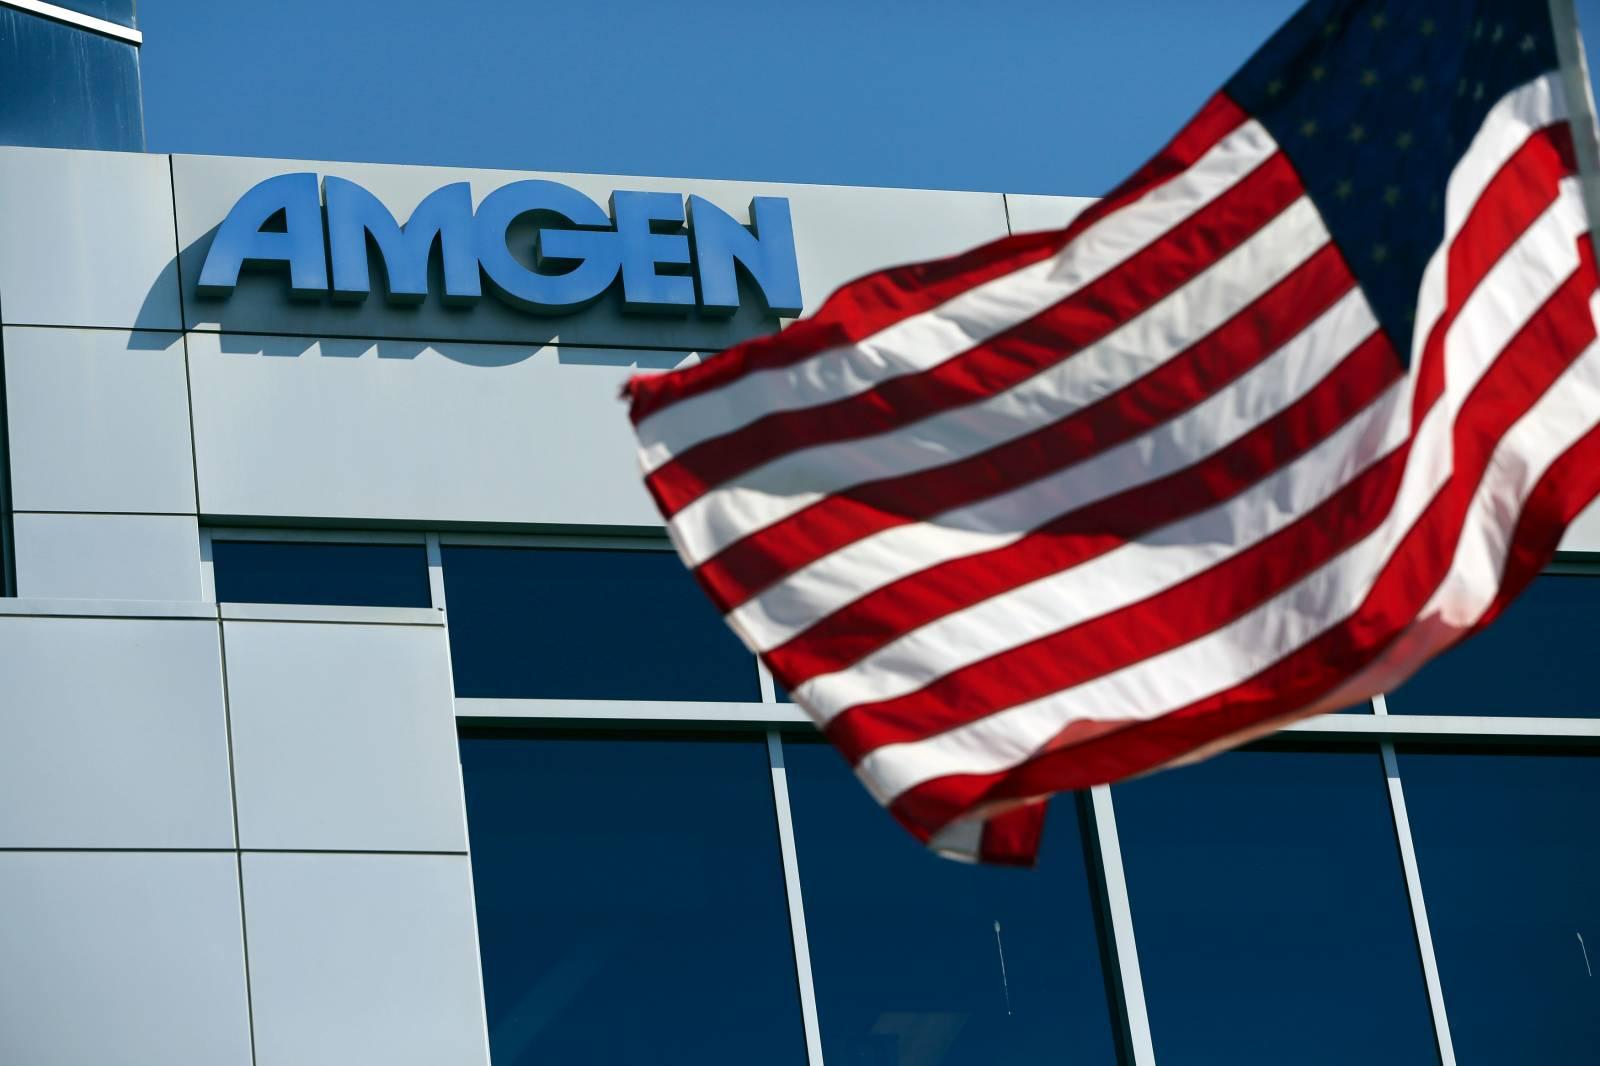 Amgen's office in  San Francisco on Oct. 21, 2013.